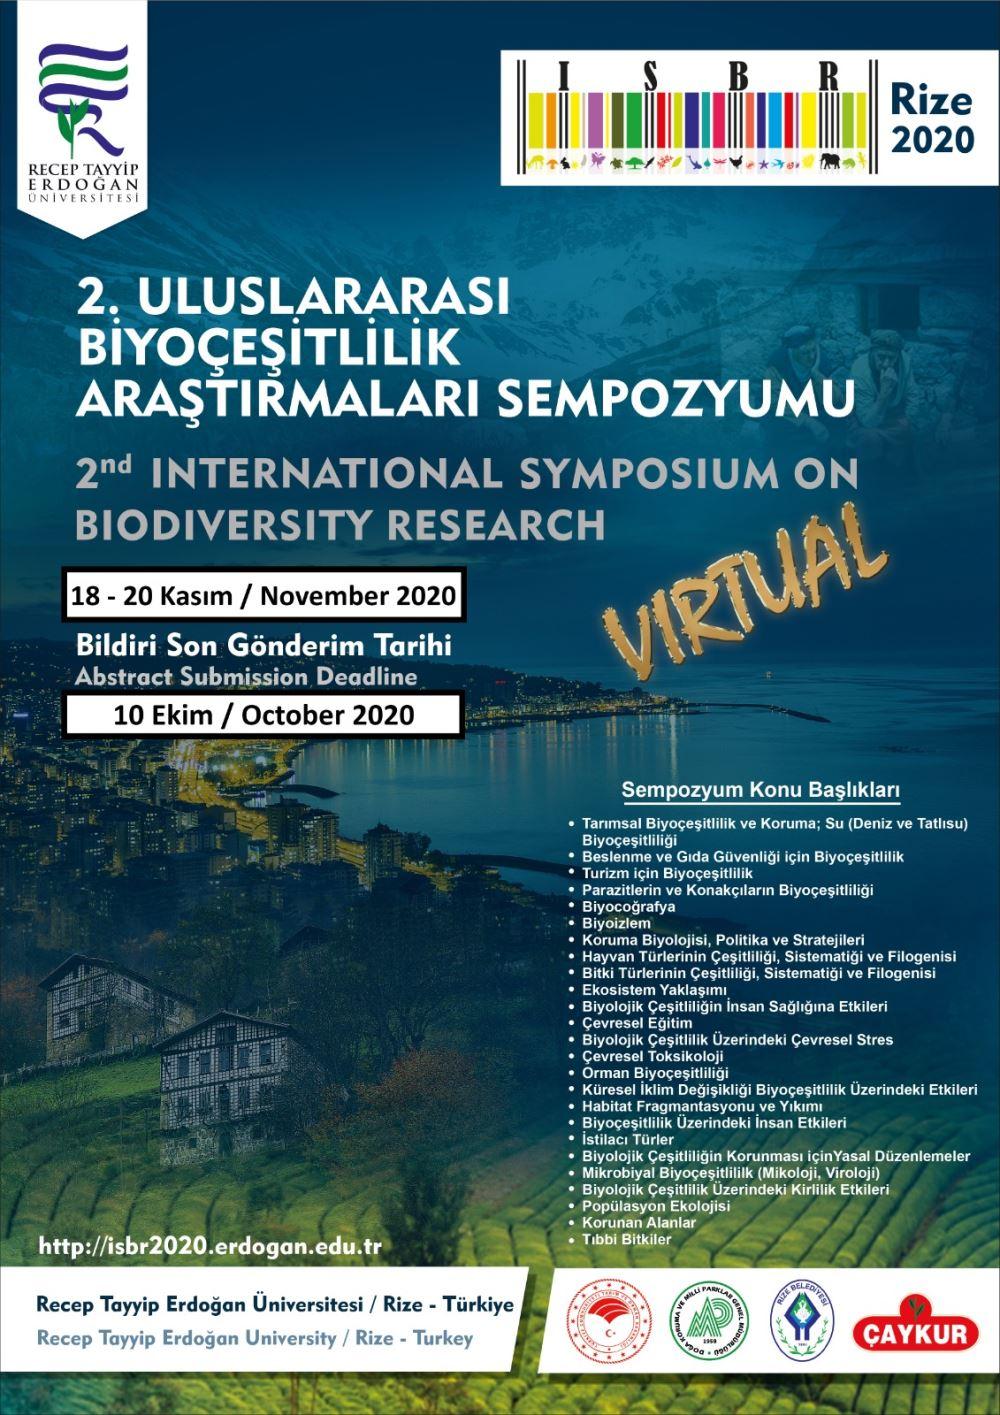 2. Uluslararası Biyoçeşitlilik Araştırma Sempozyumu